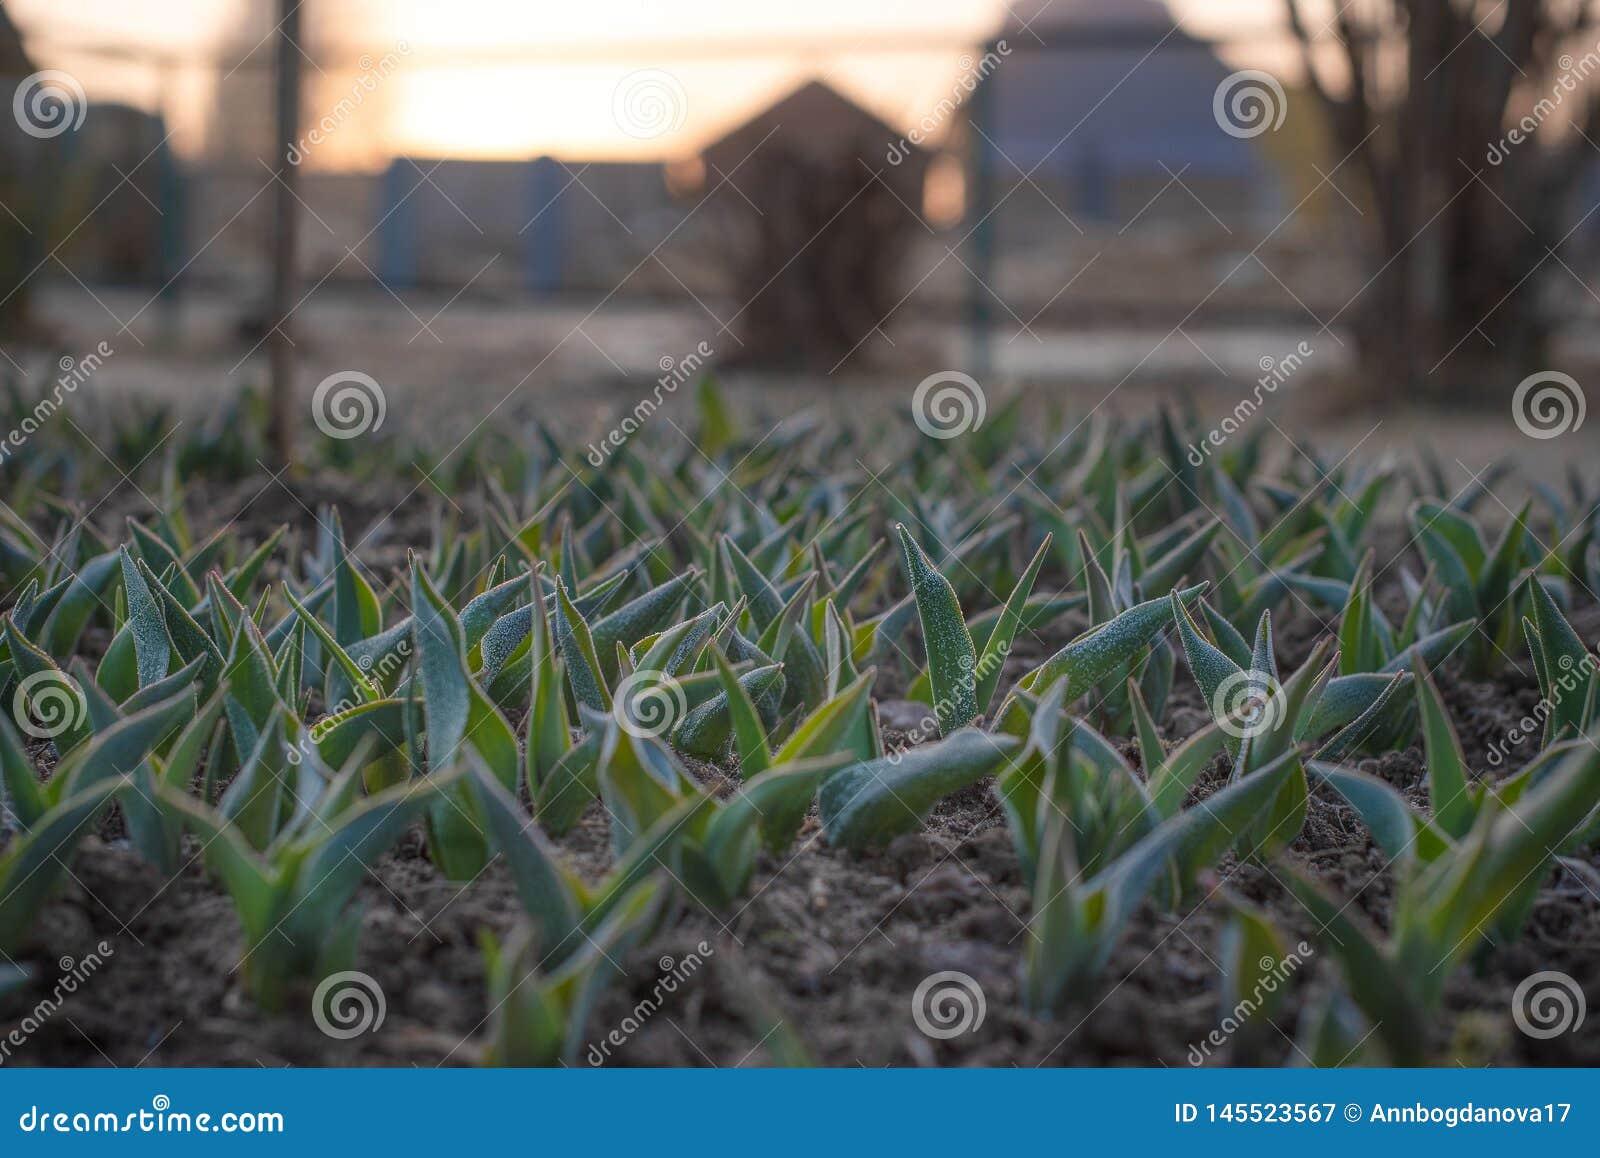 Lanzamientos jovenes de tulipanes